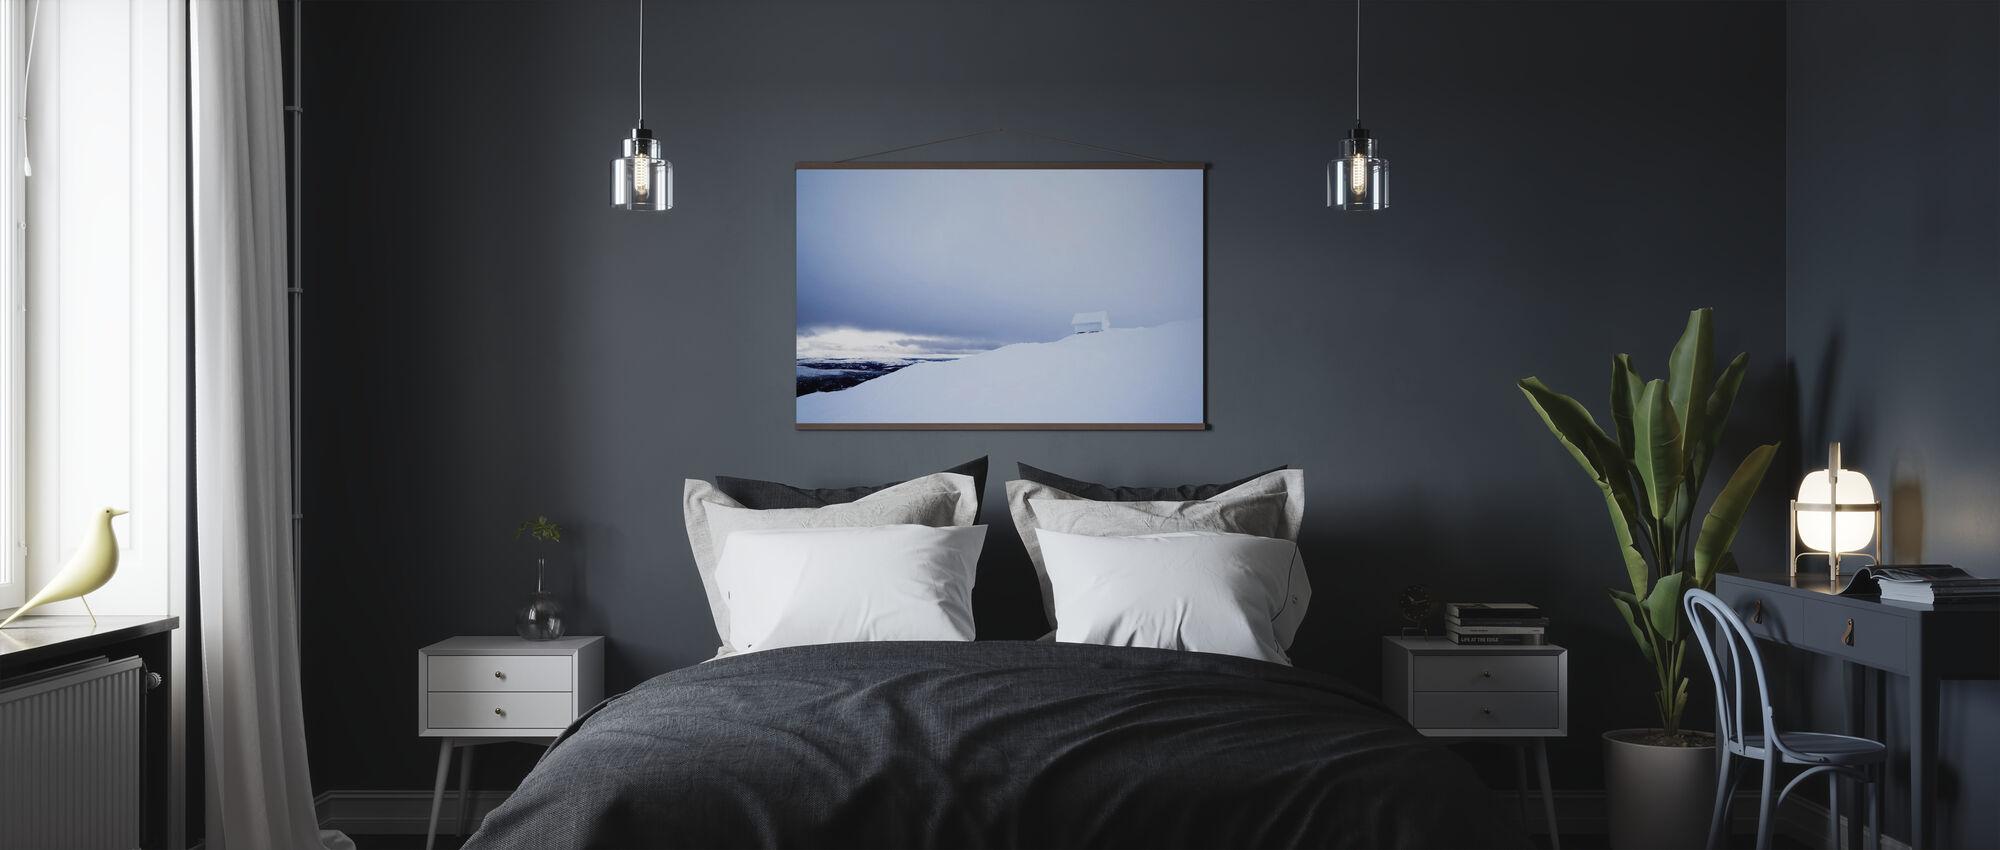 Beyond Beauty, Areskutan in Sweden - Poster - Bedroom